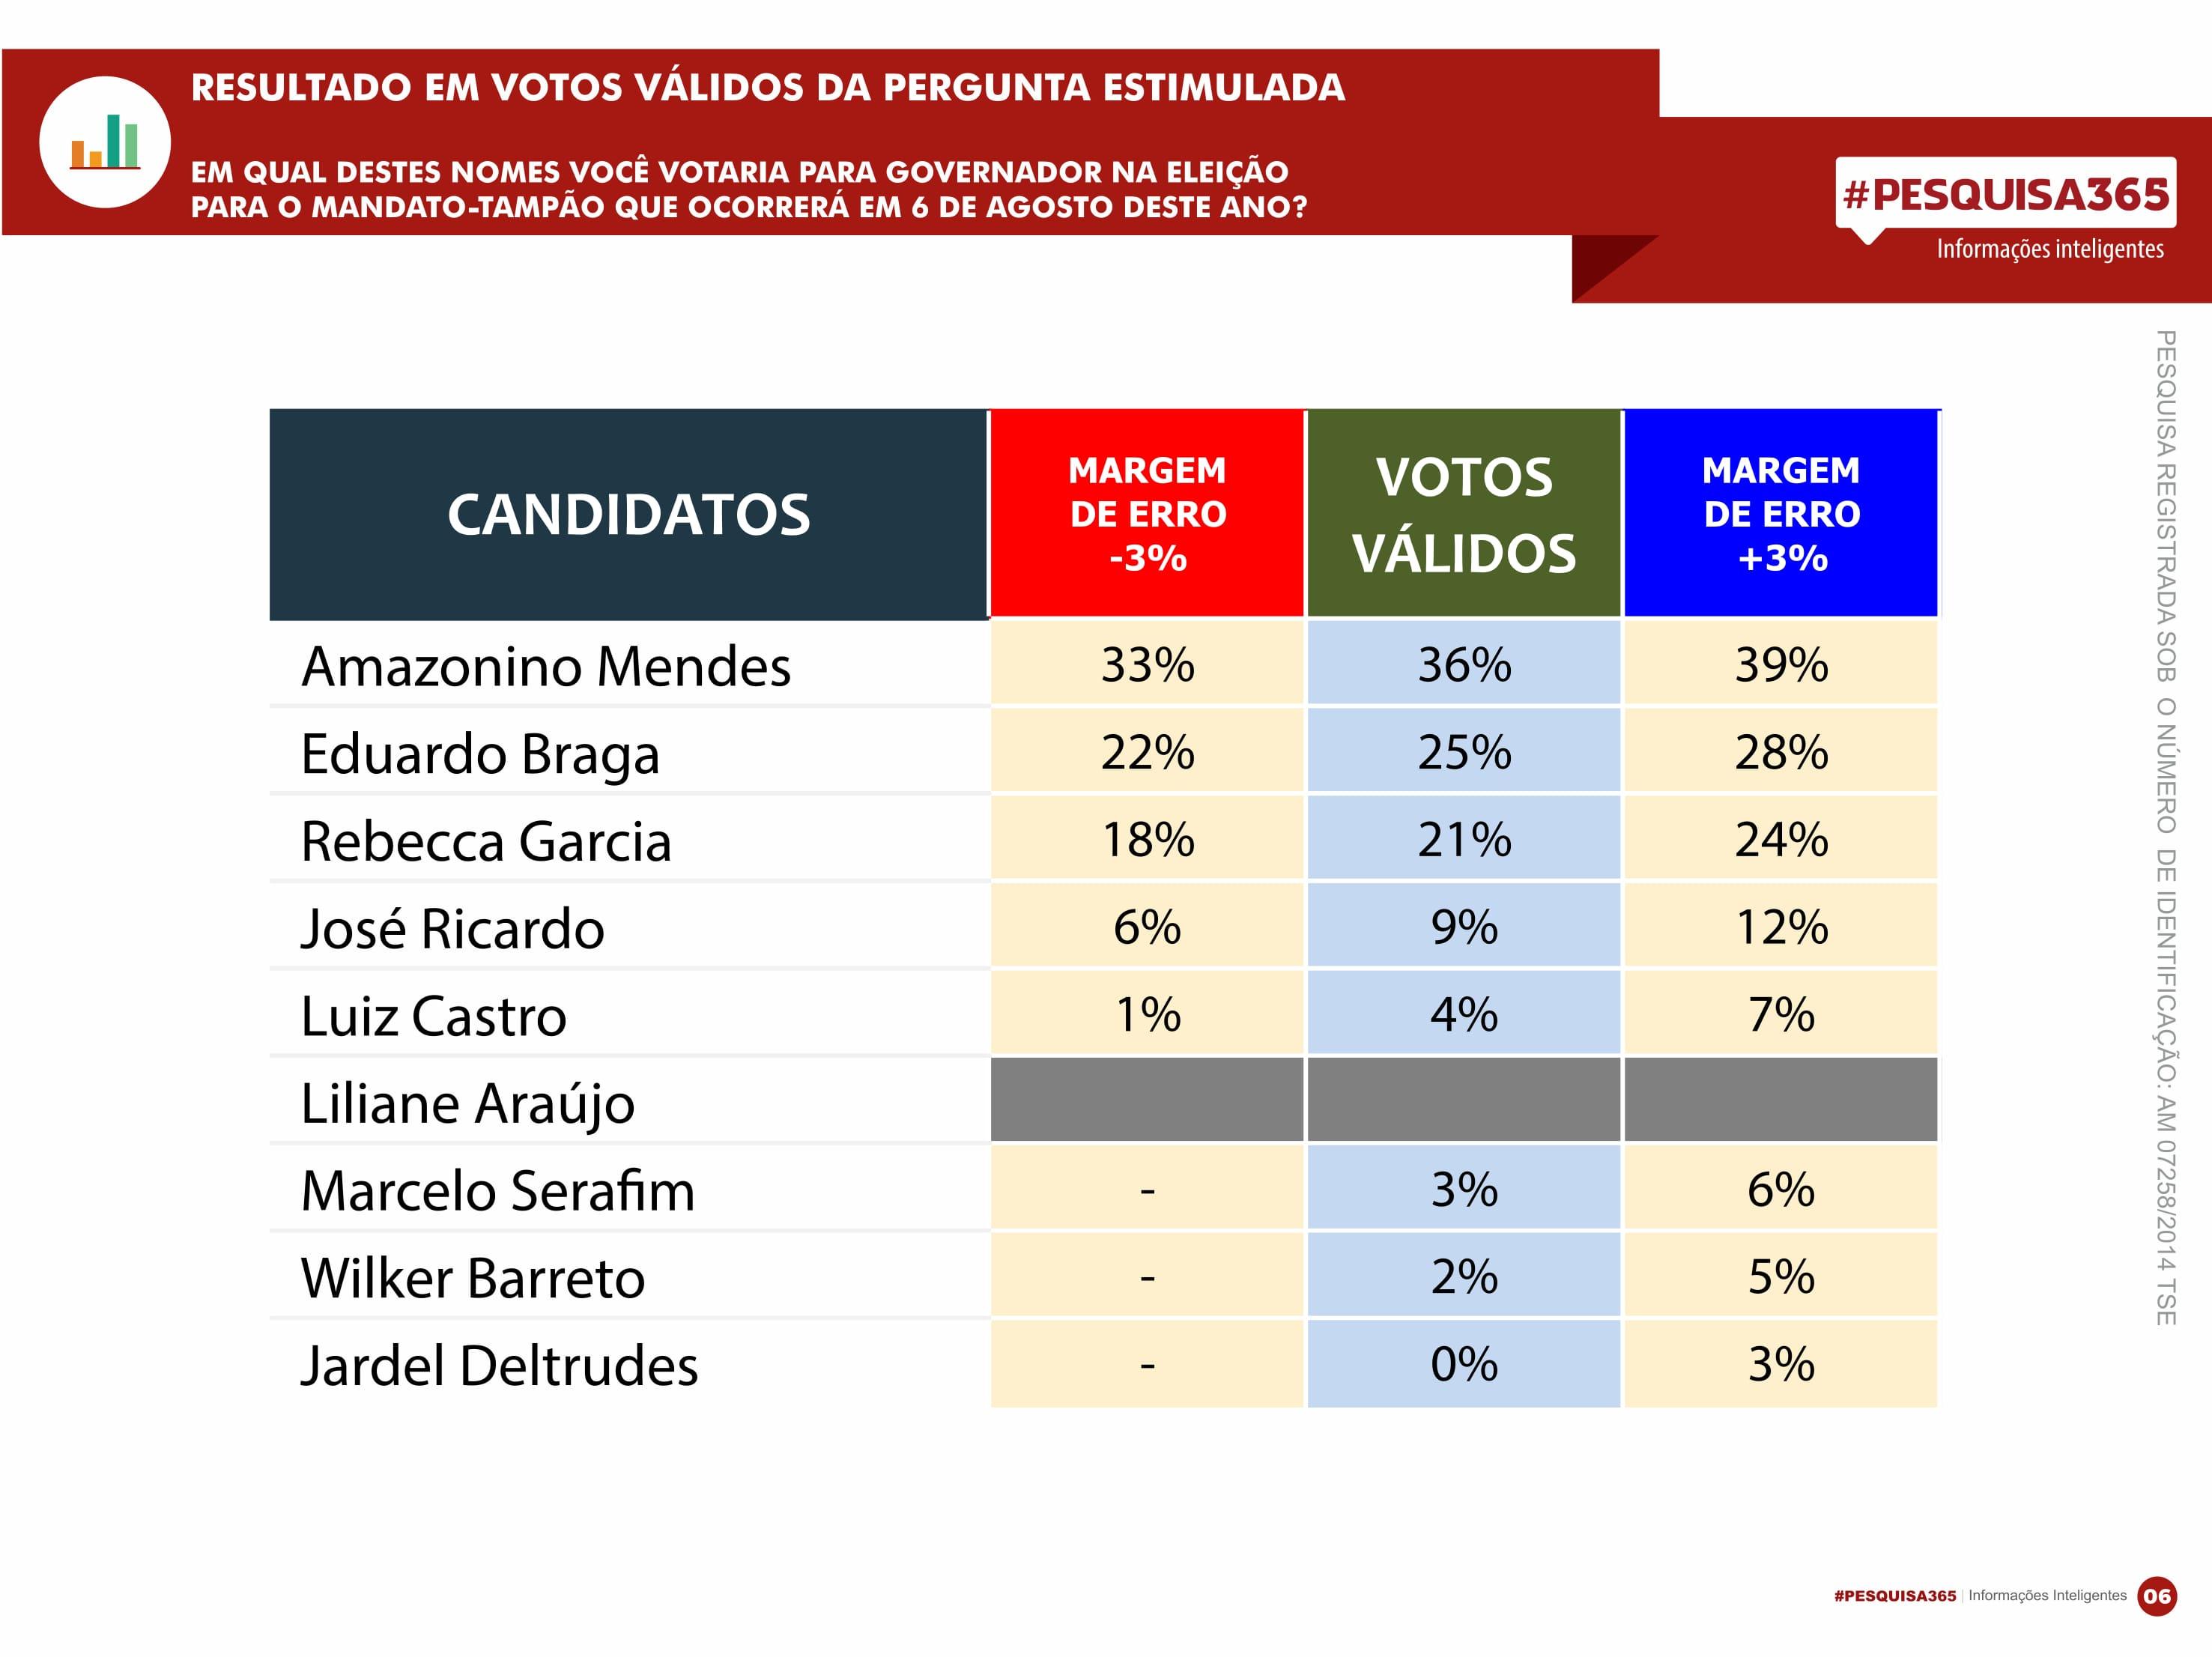 Durango Duarte - Votos Válidos: Amazonino abre 11 pontos de vantagem sobre Eduardo Braga no 1º turno